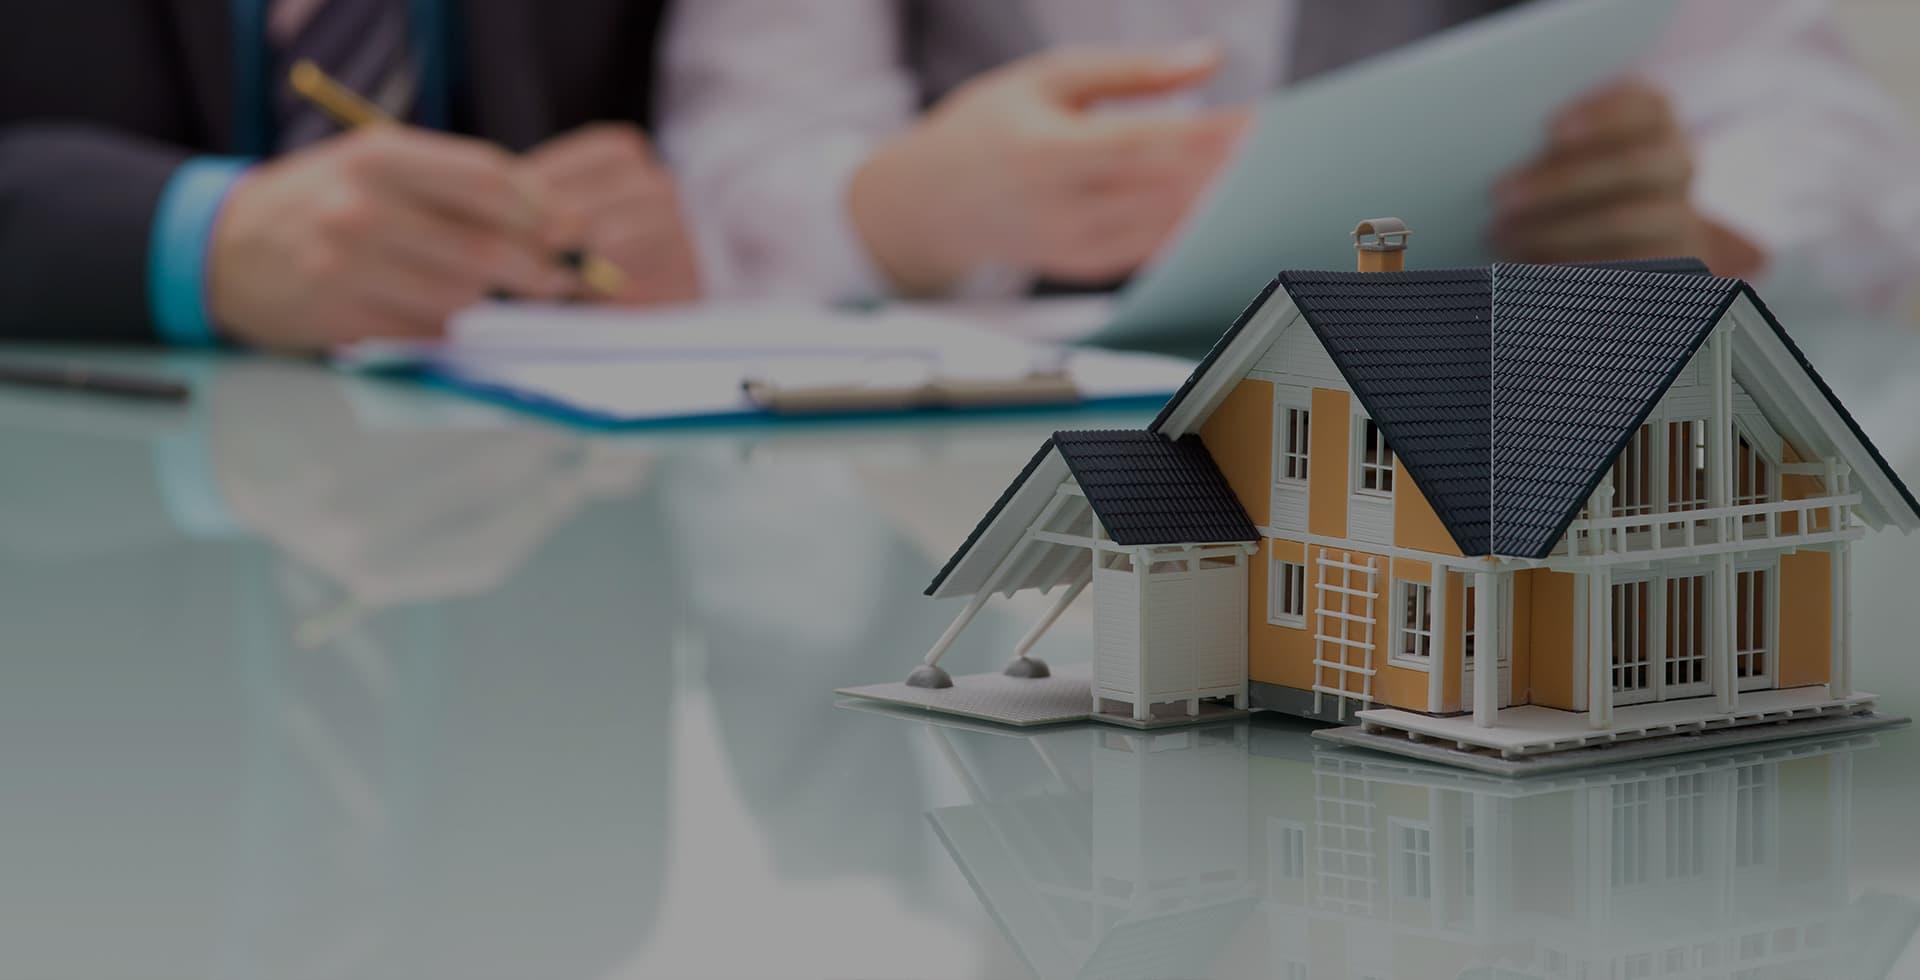 etude de dossier pour assurer une maison